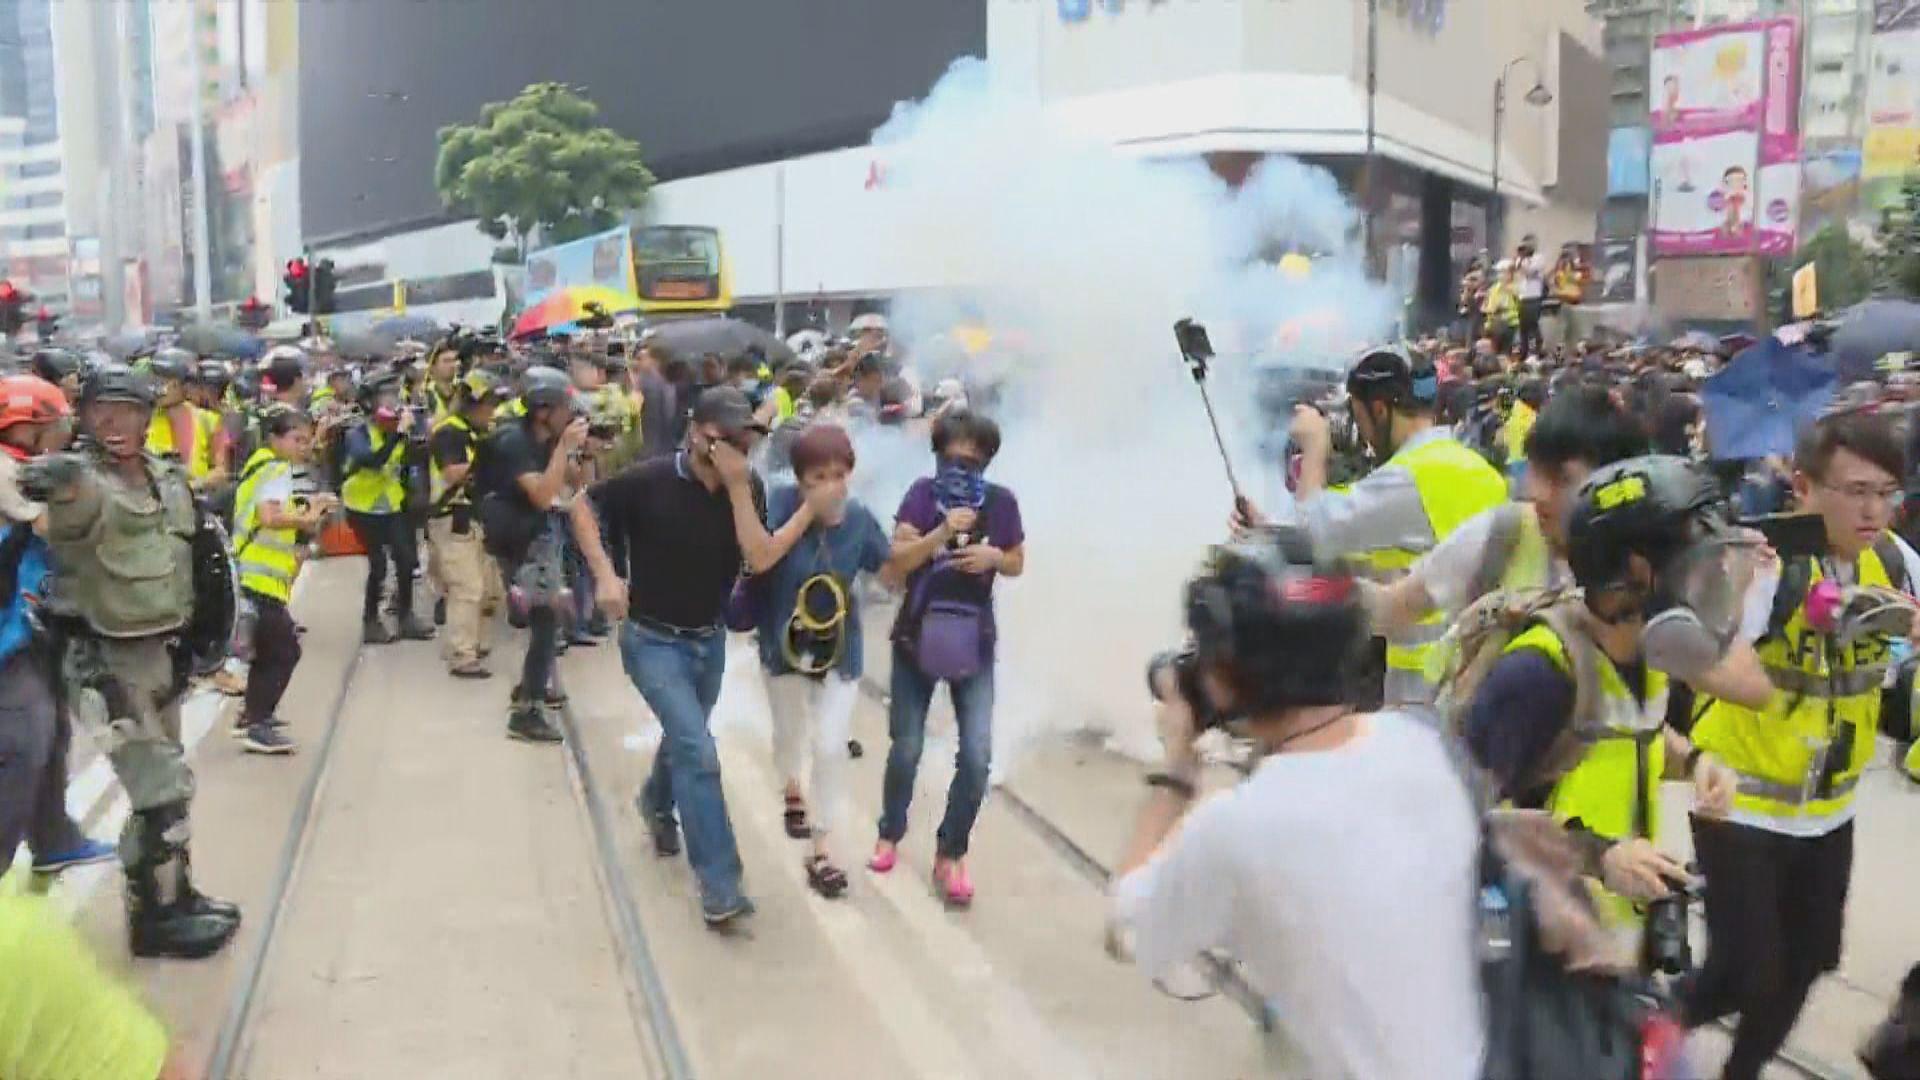 防暴警銅鑼灣施放催淚彈驅散群眾